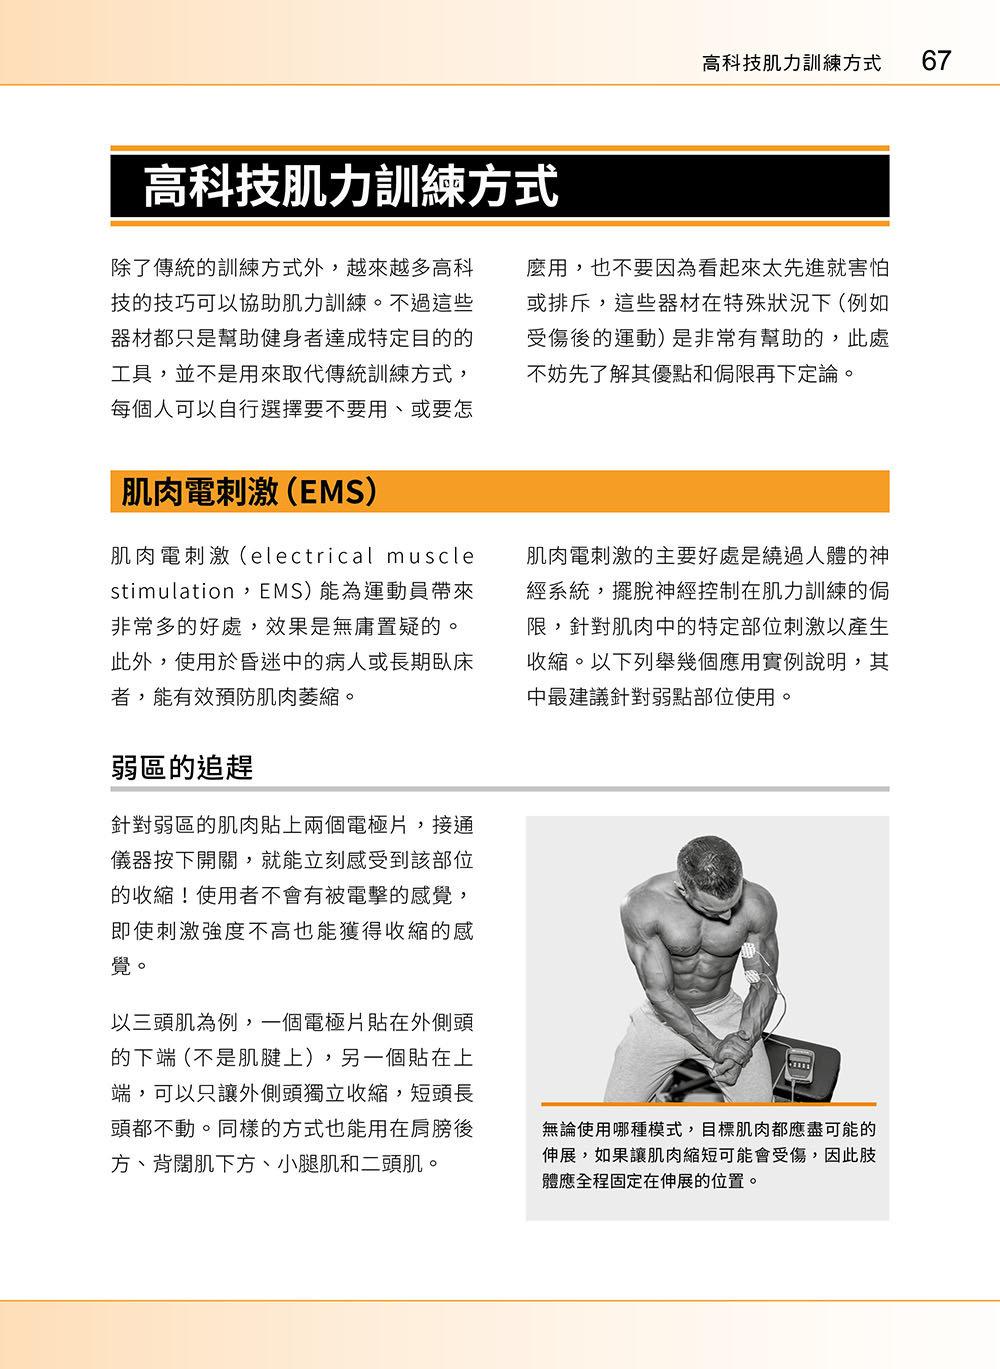 進階肌力訓練解剖聖經 2 - 高手只做不說的關鍵檔案 (附 加大手繪肌肉解剖圖海報)-preview-5